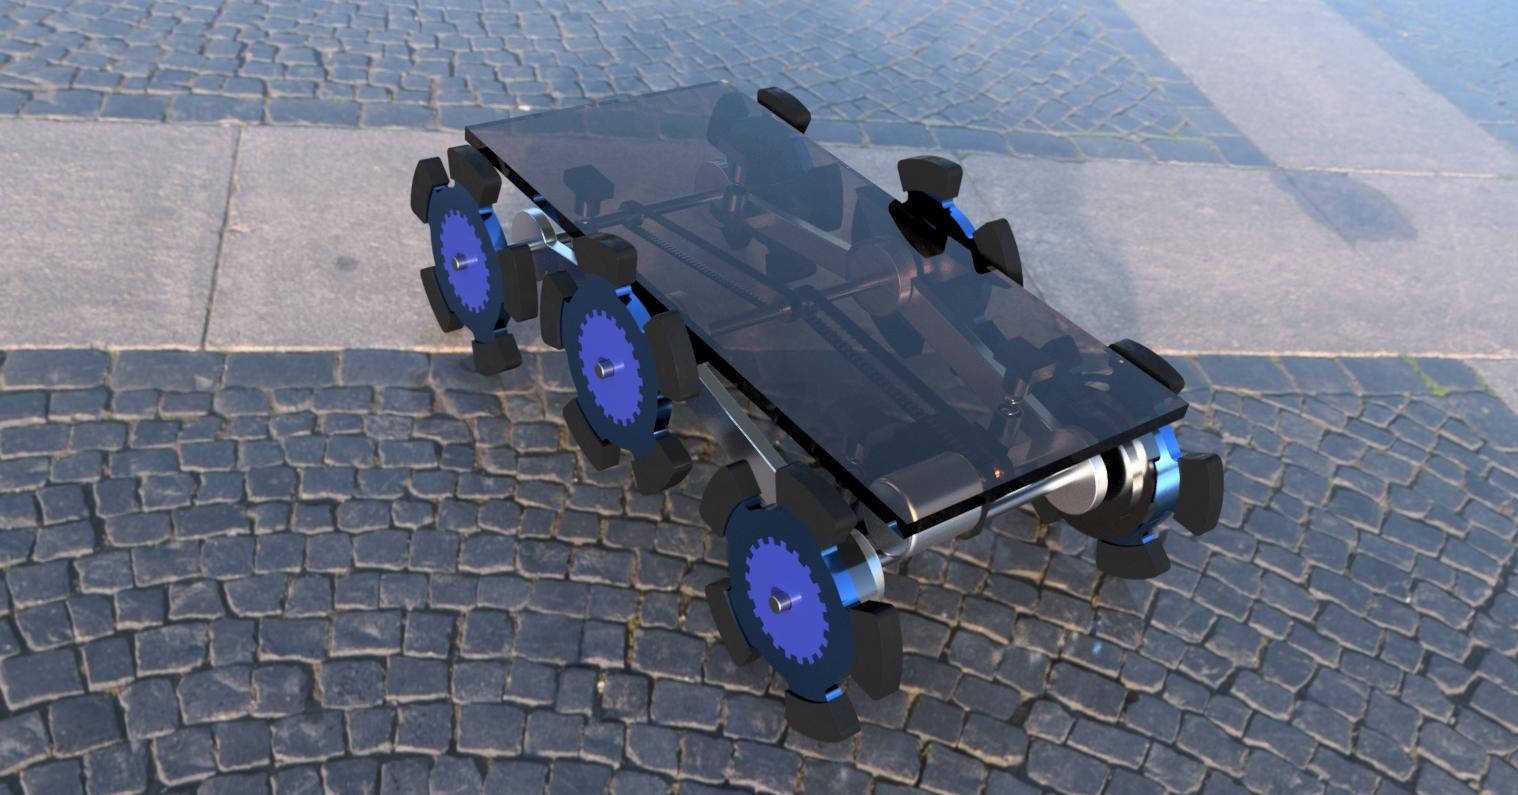 Equipment transporter